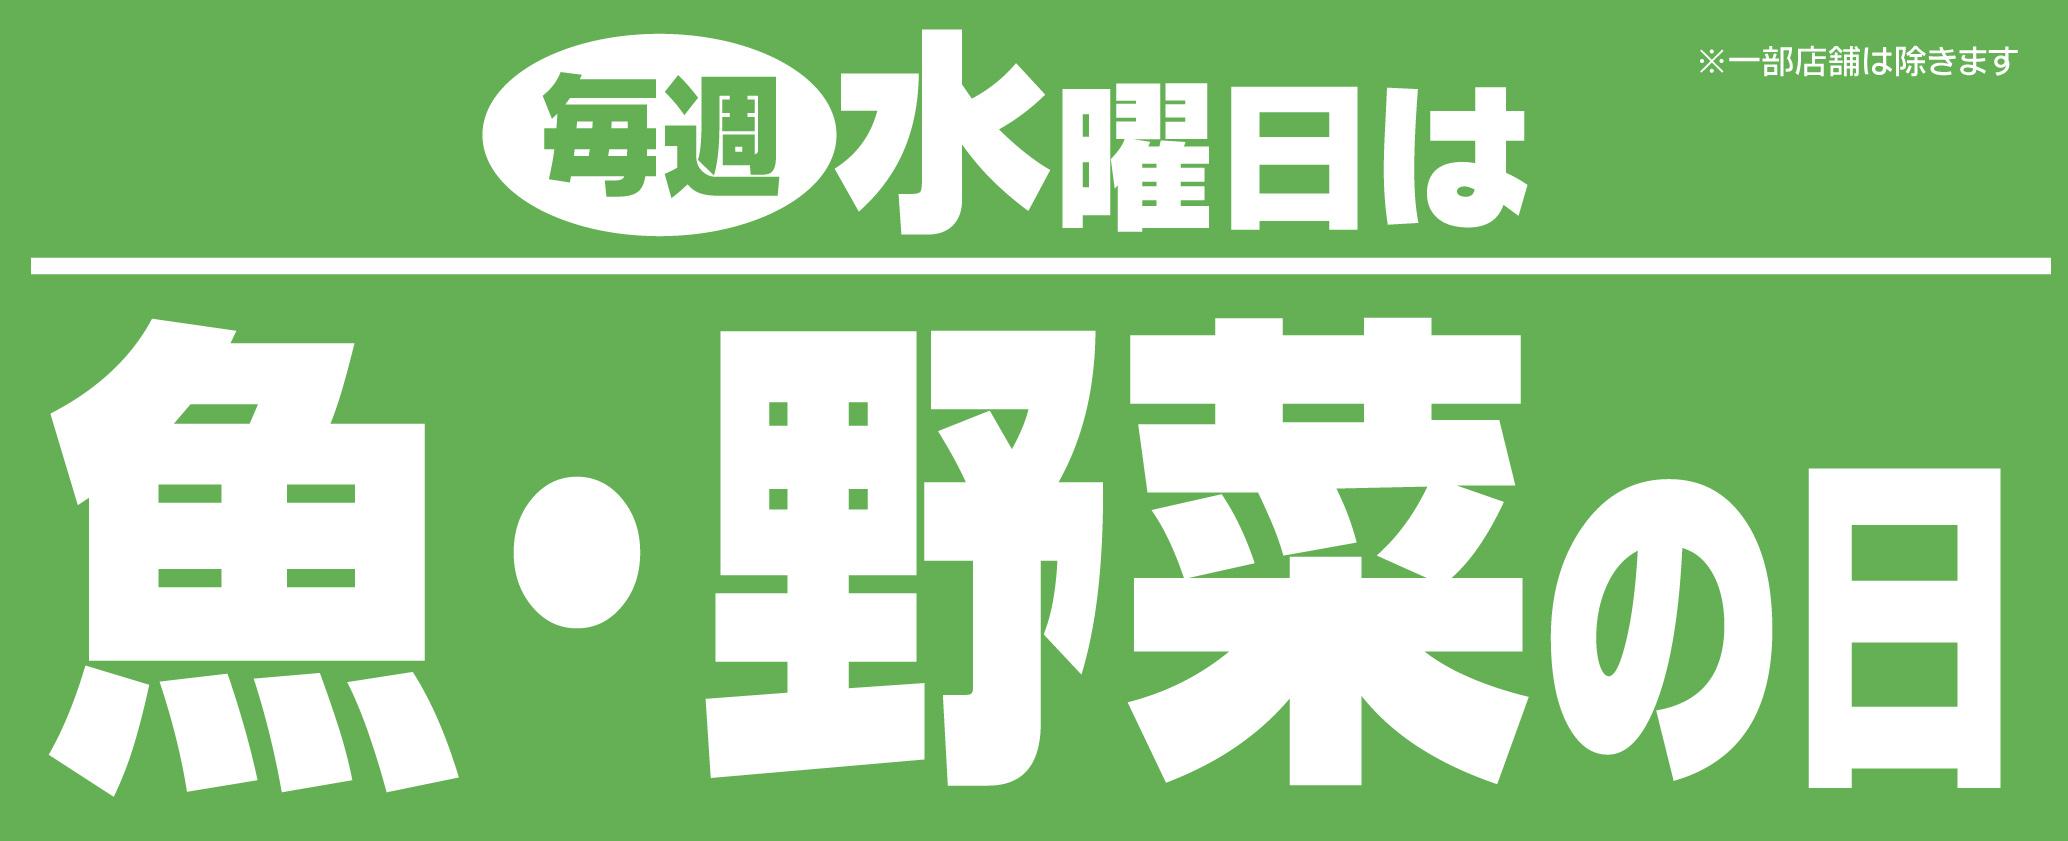 曜日別 水 魚・野菜